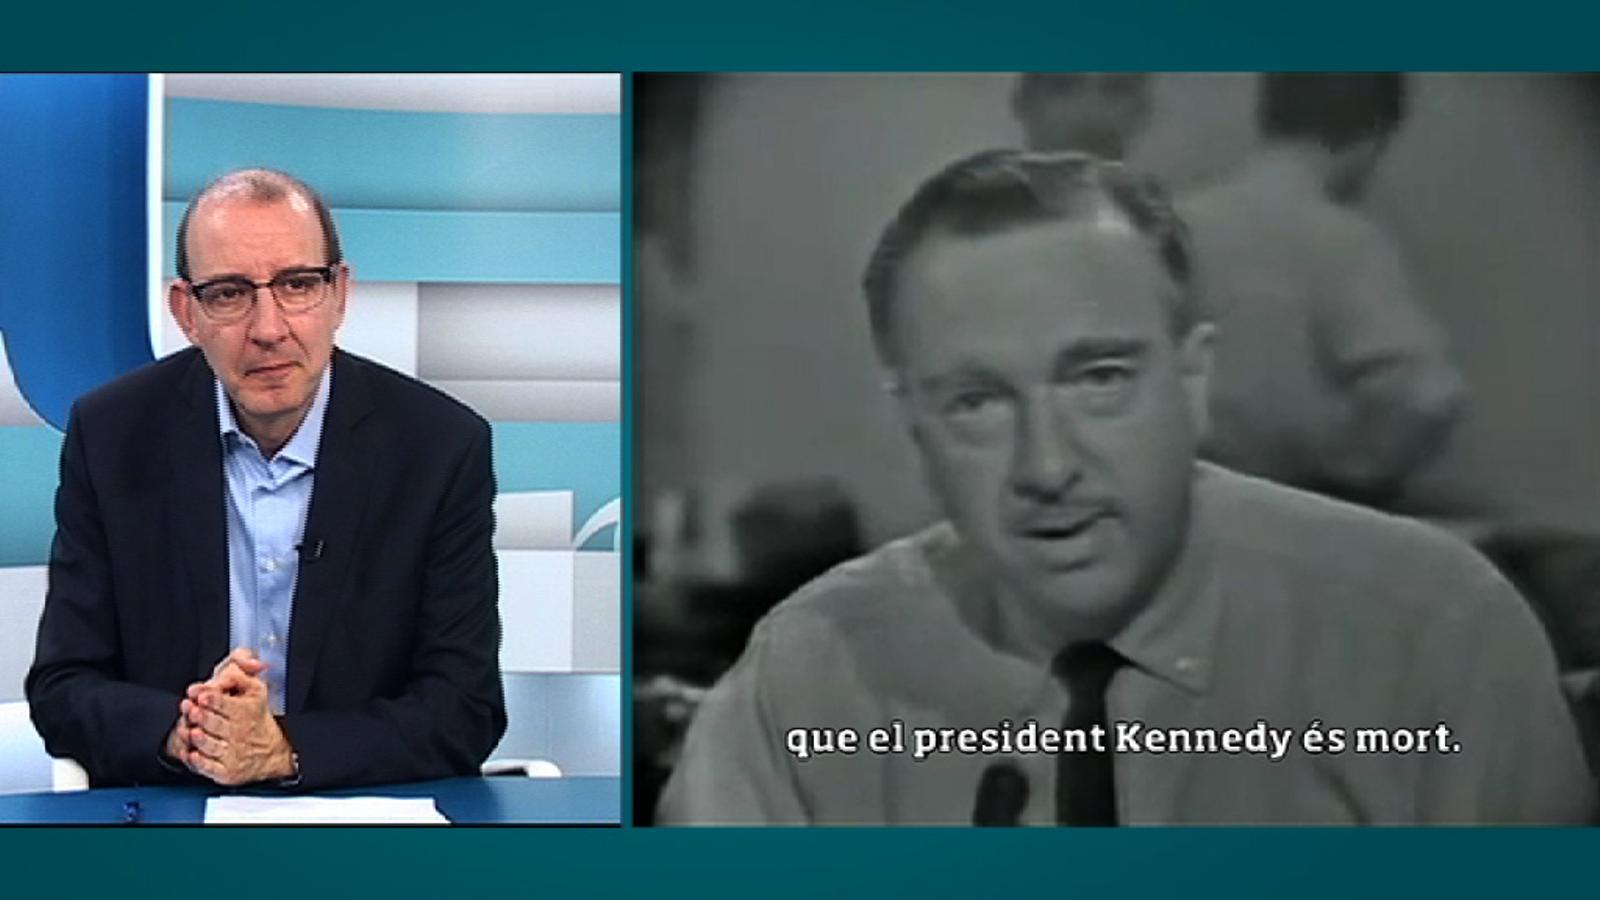 Un magnicidi televisat (2): Des de Dallas, notícia d'última hora, el president Kennedy ha mort